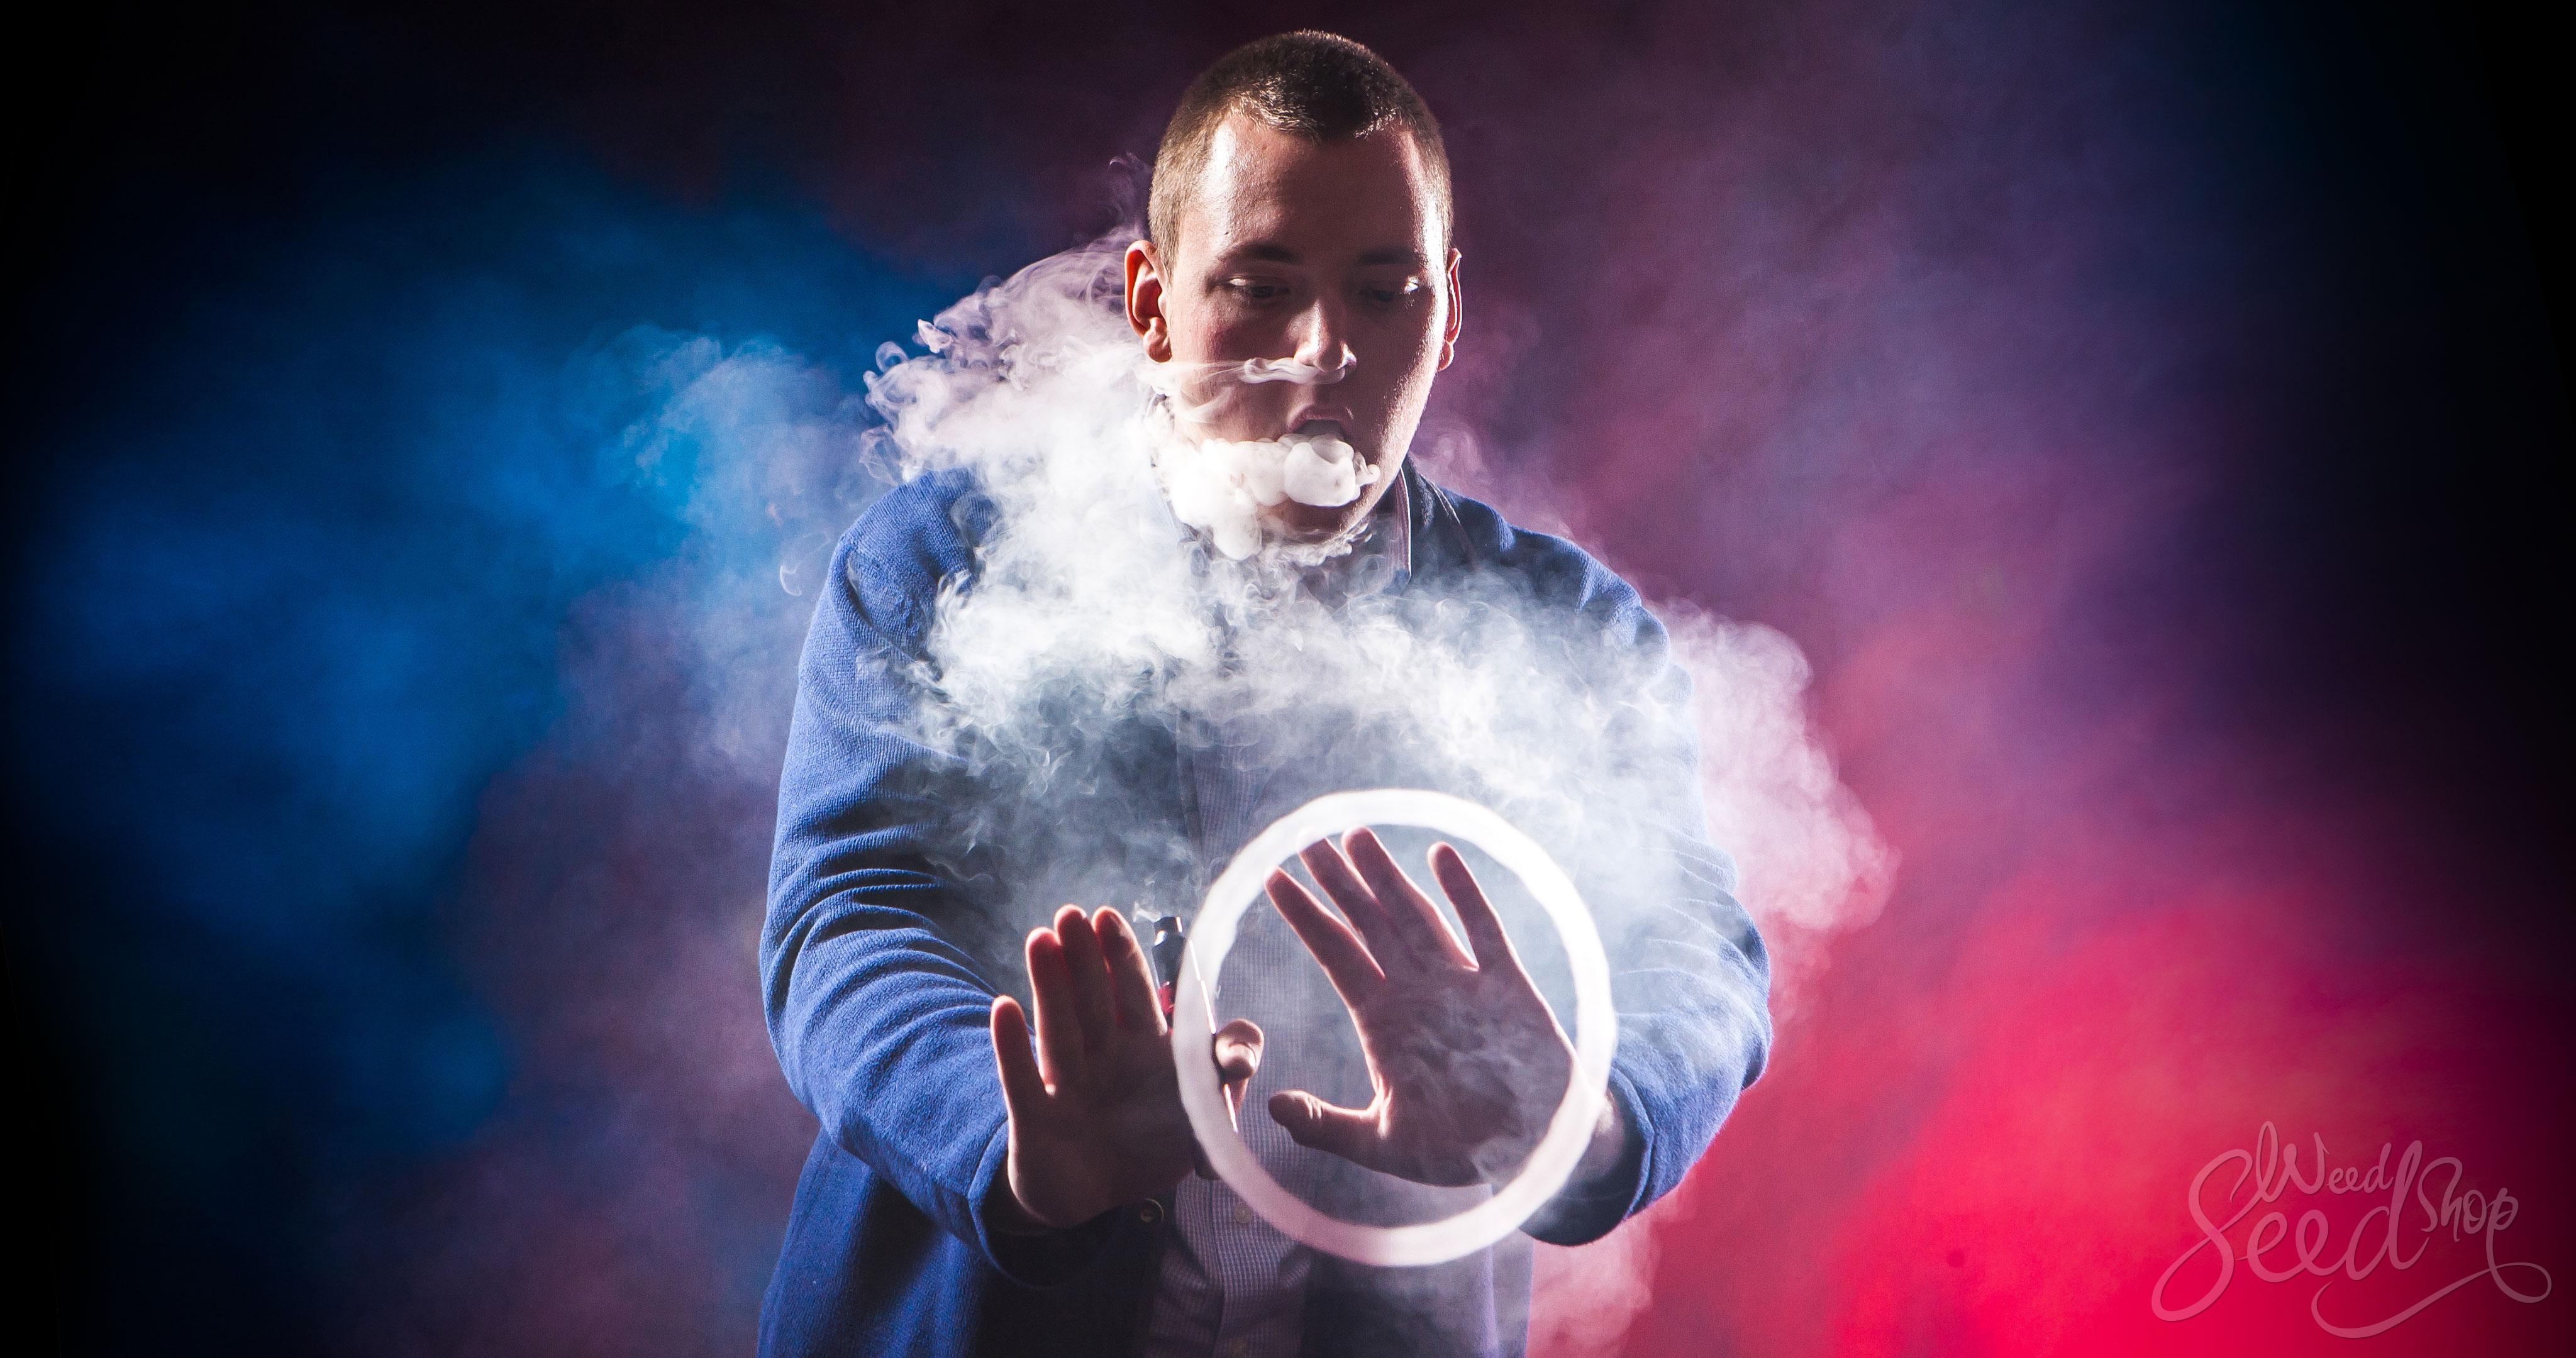 Die 8 besten Rauchtricks leicht zu meistern - WeedSeedShop